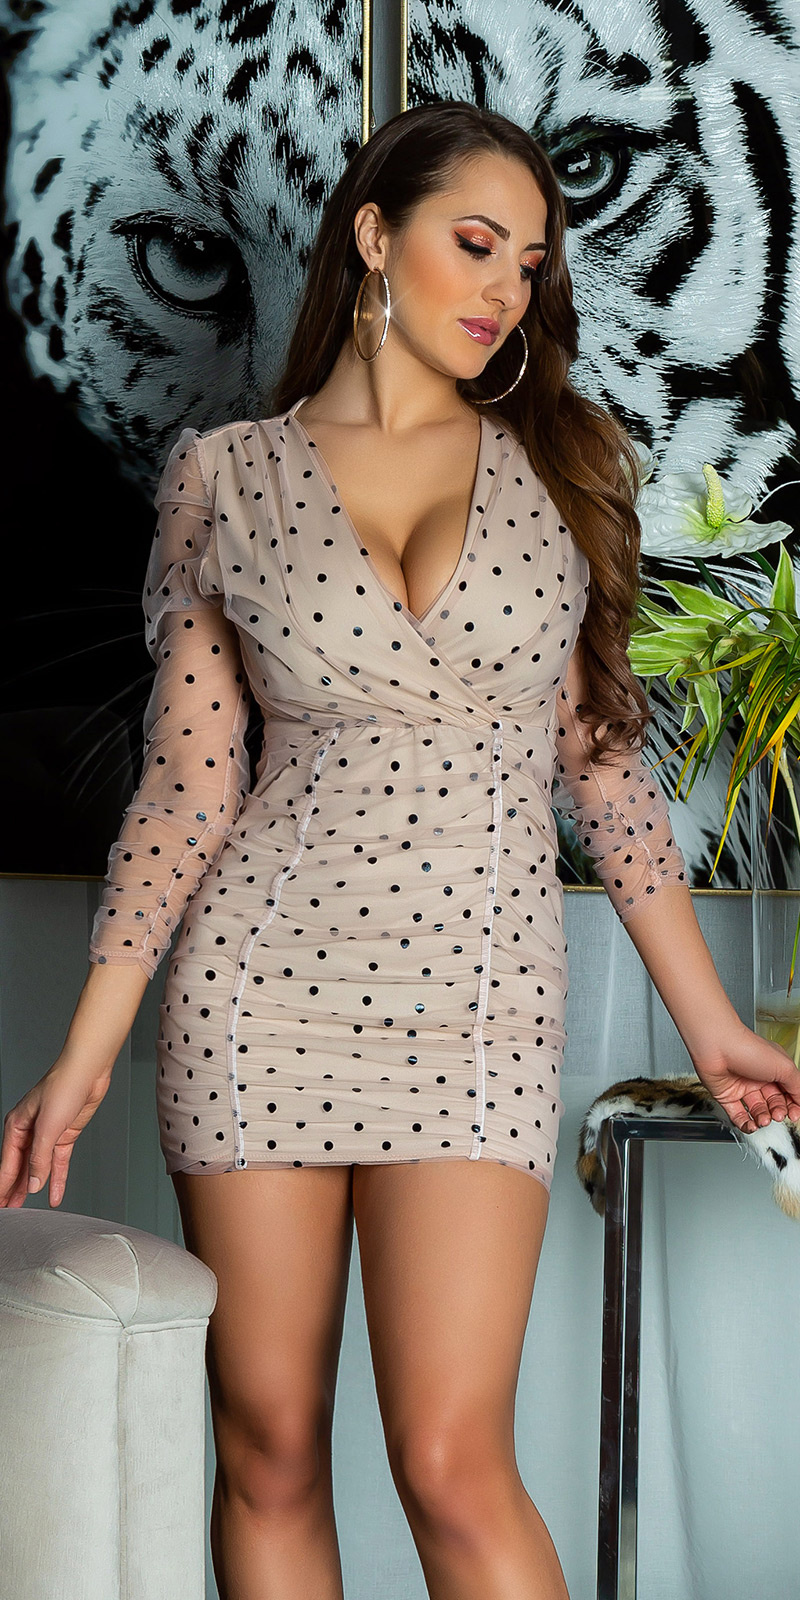 Sexy langmouw chiffon mini jurkje met polka stippen antiekroze